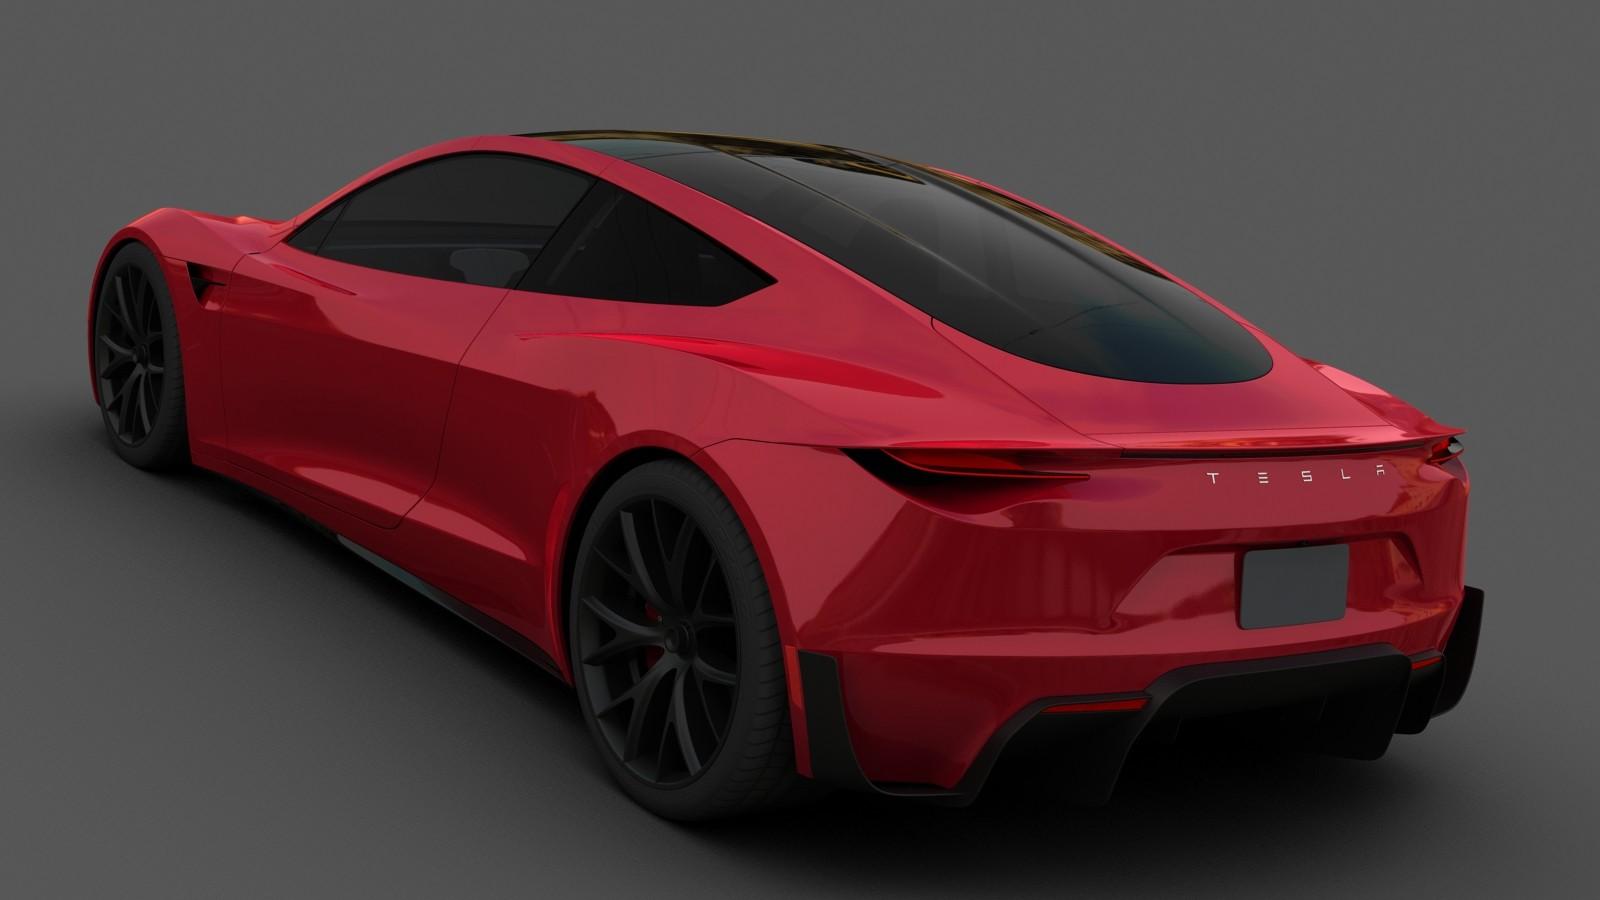 Wiktor Urbańczyk Tesla Roadster 2 0 2020